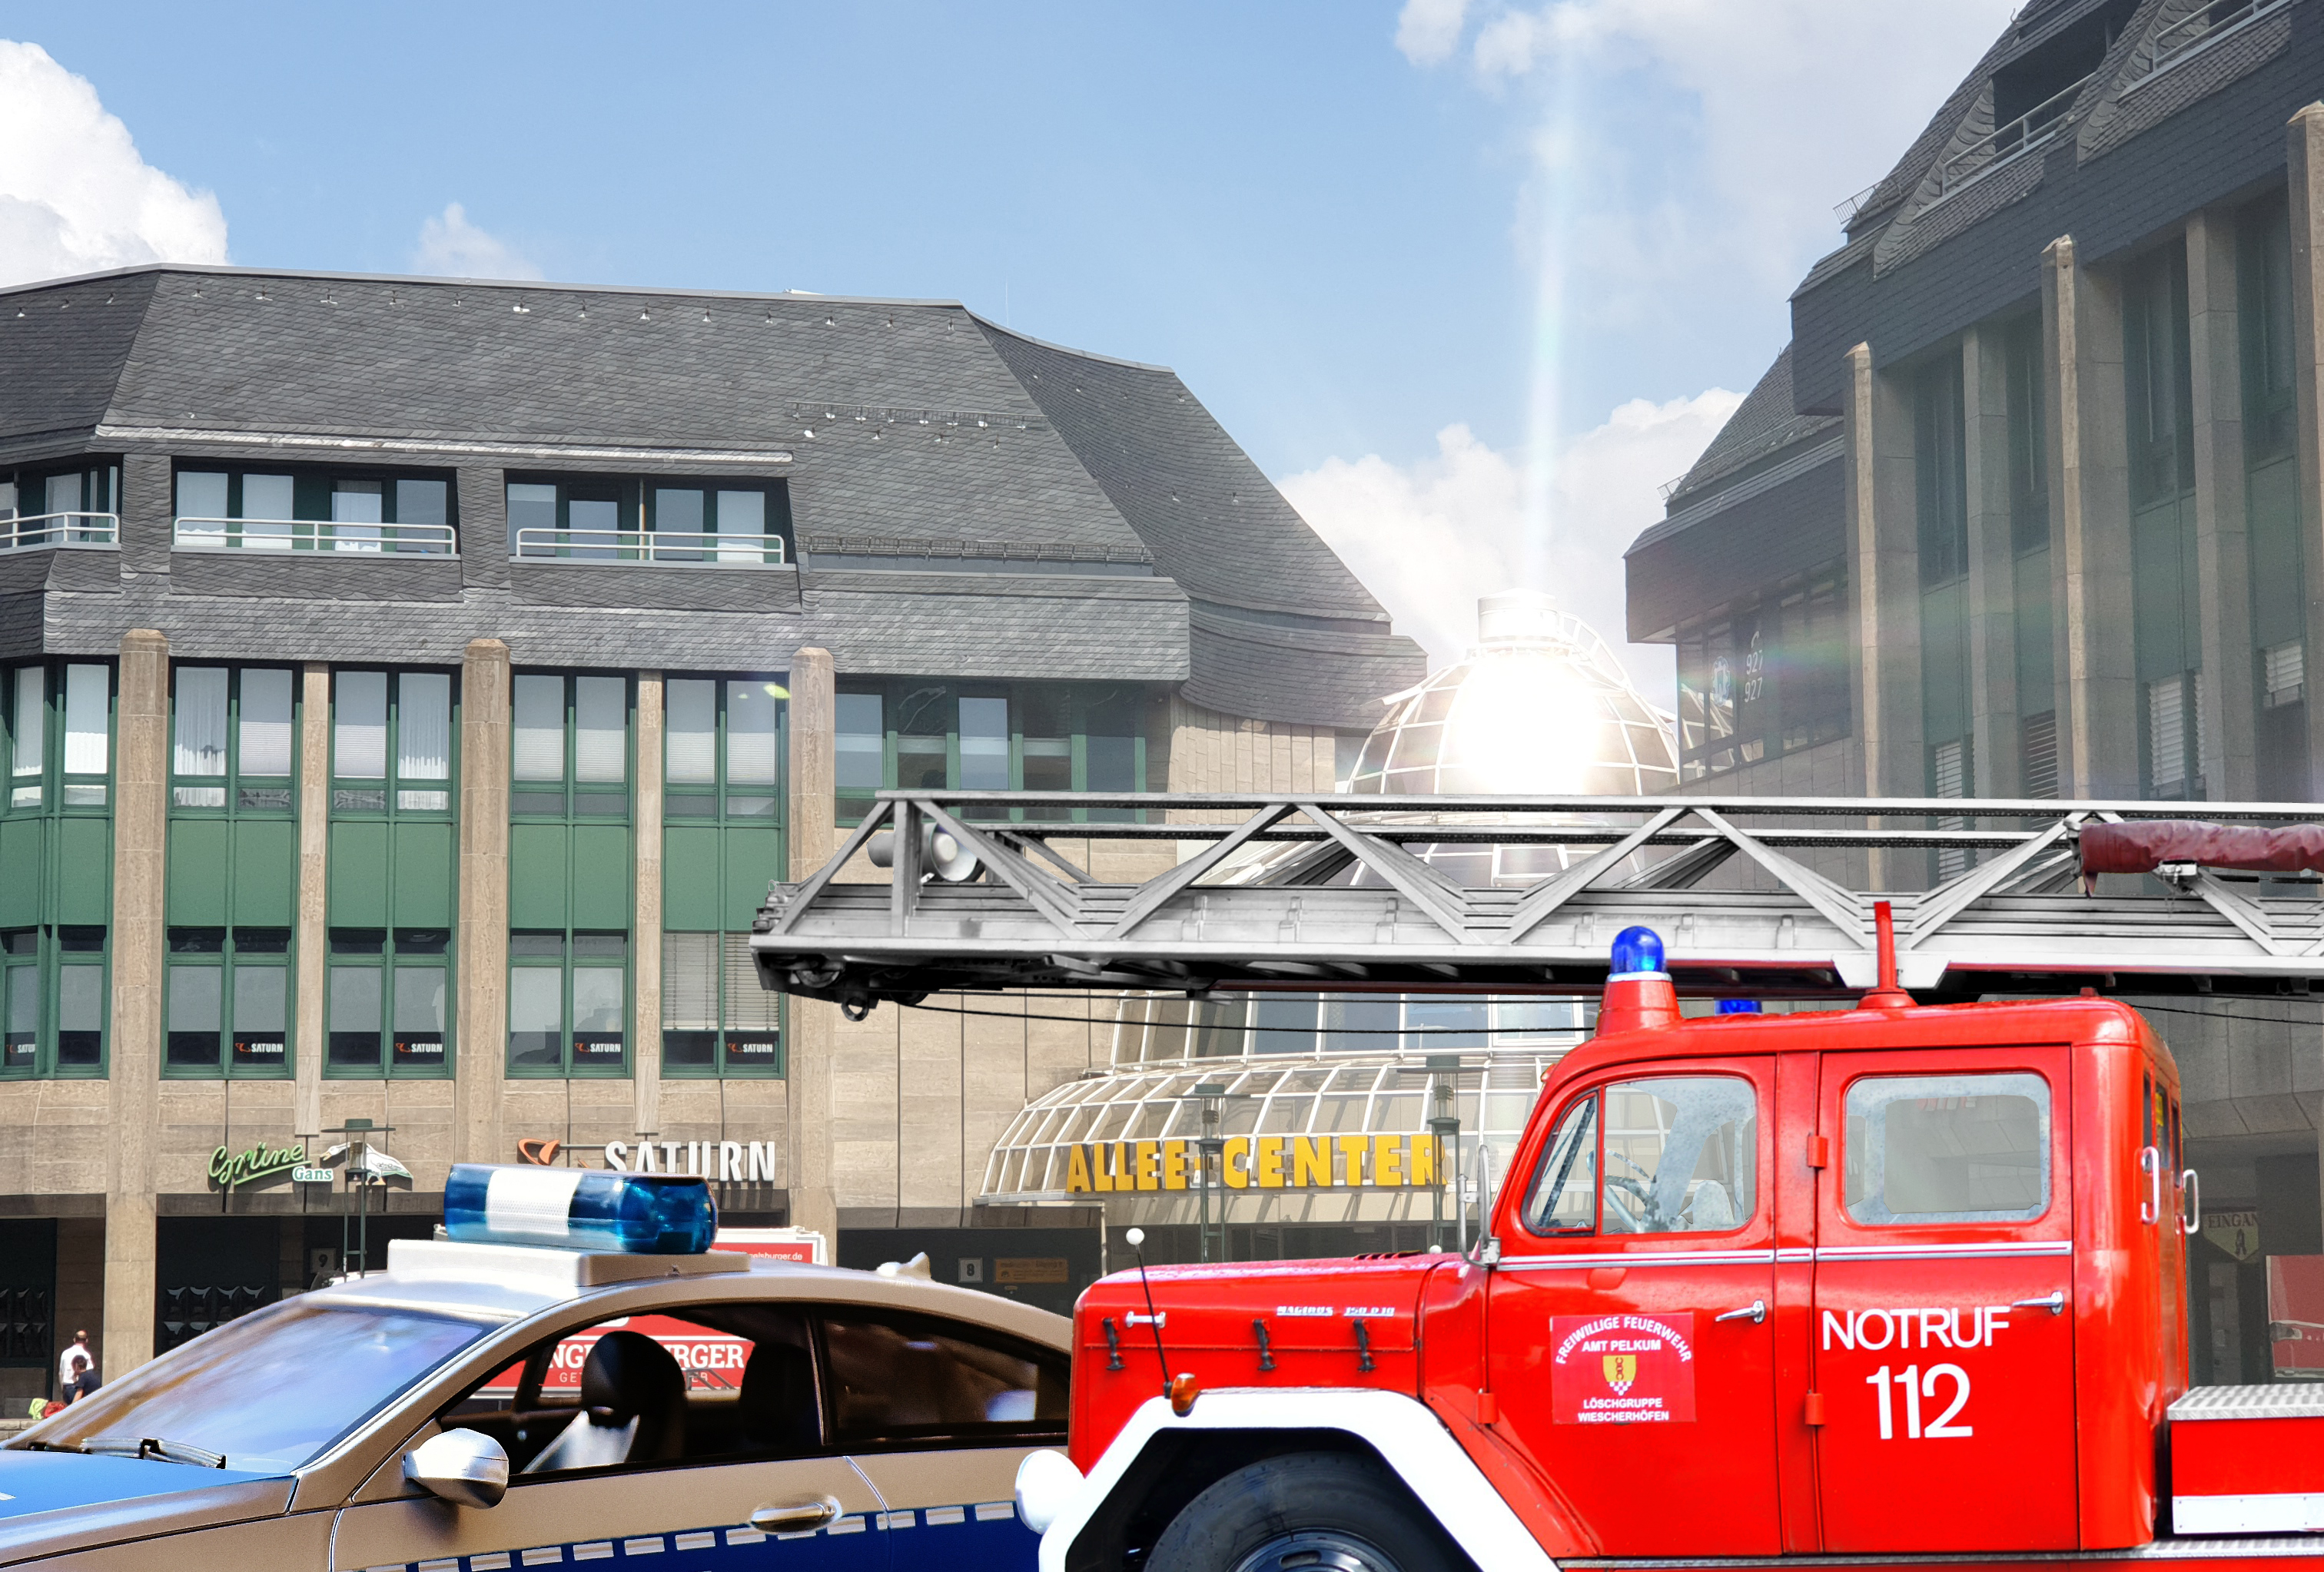 Am 6. Oktober 2019 gibt es auf dem Theodor-Heuss-Platz in Remscheid einen gemeinsamen Aktionstag von Polizei, Feuerwehr und Ordnungsamt. Fotomontage: Sascha von Gerishem